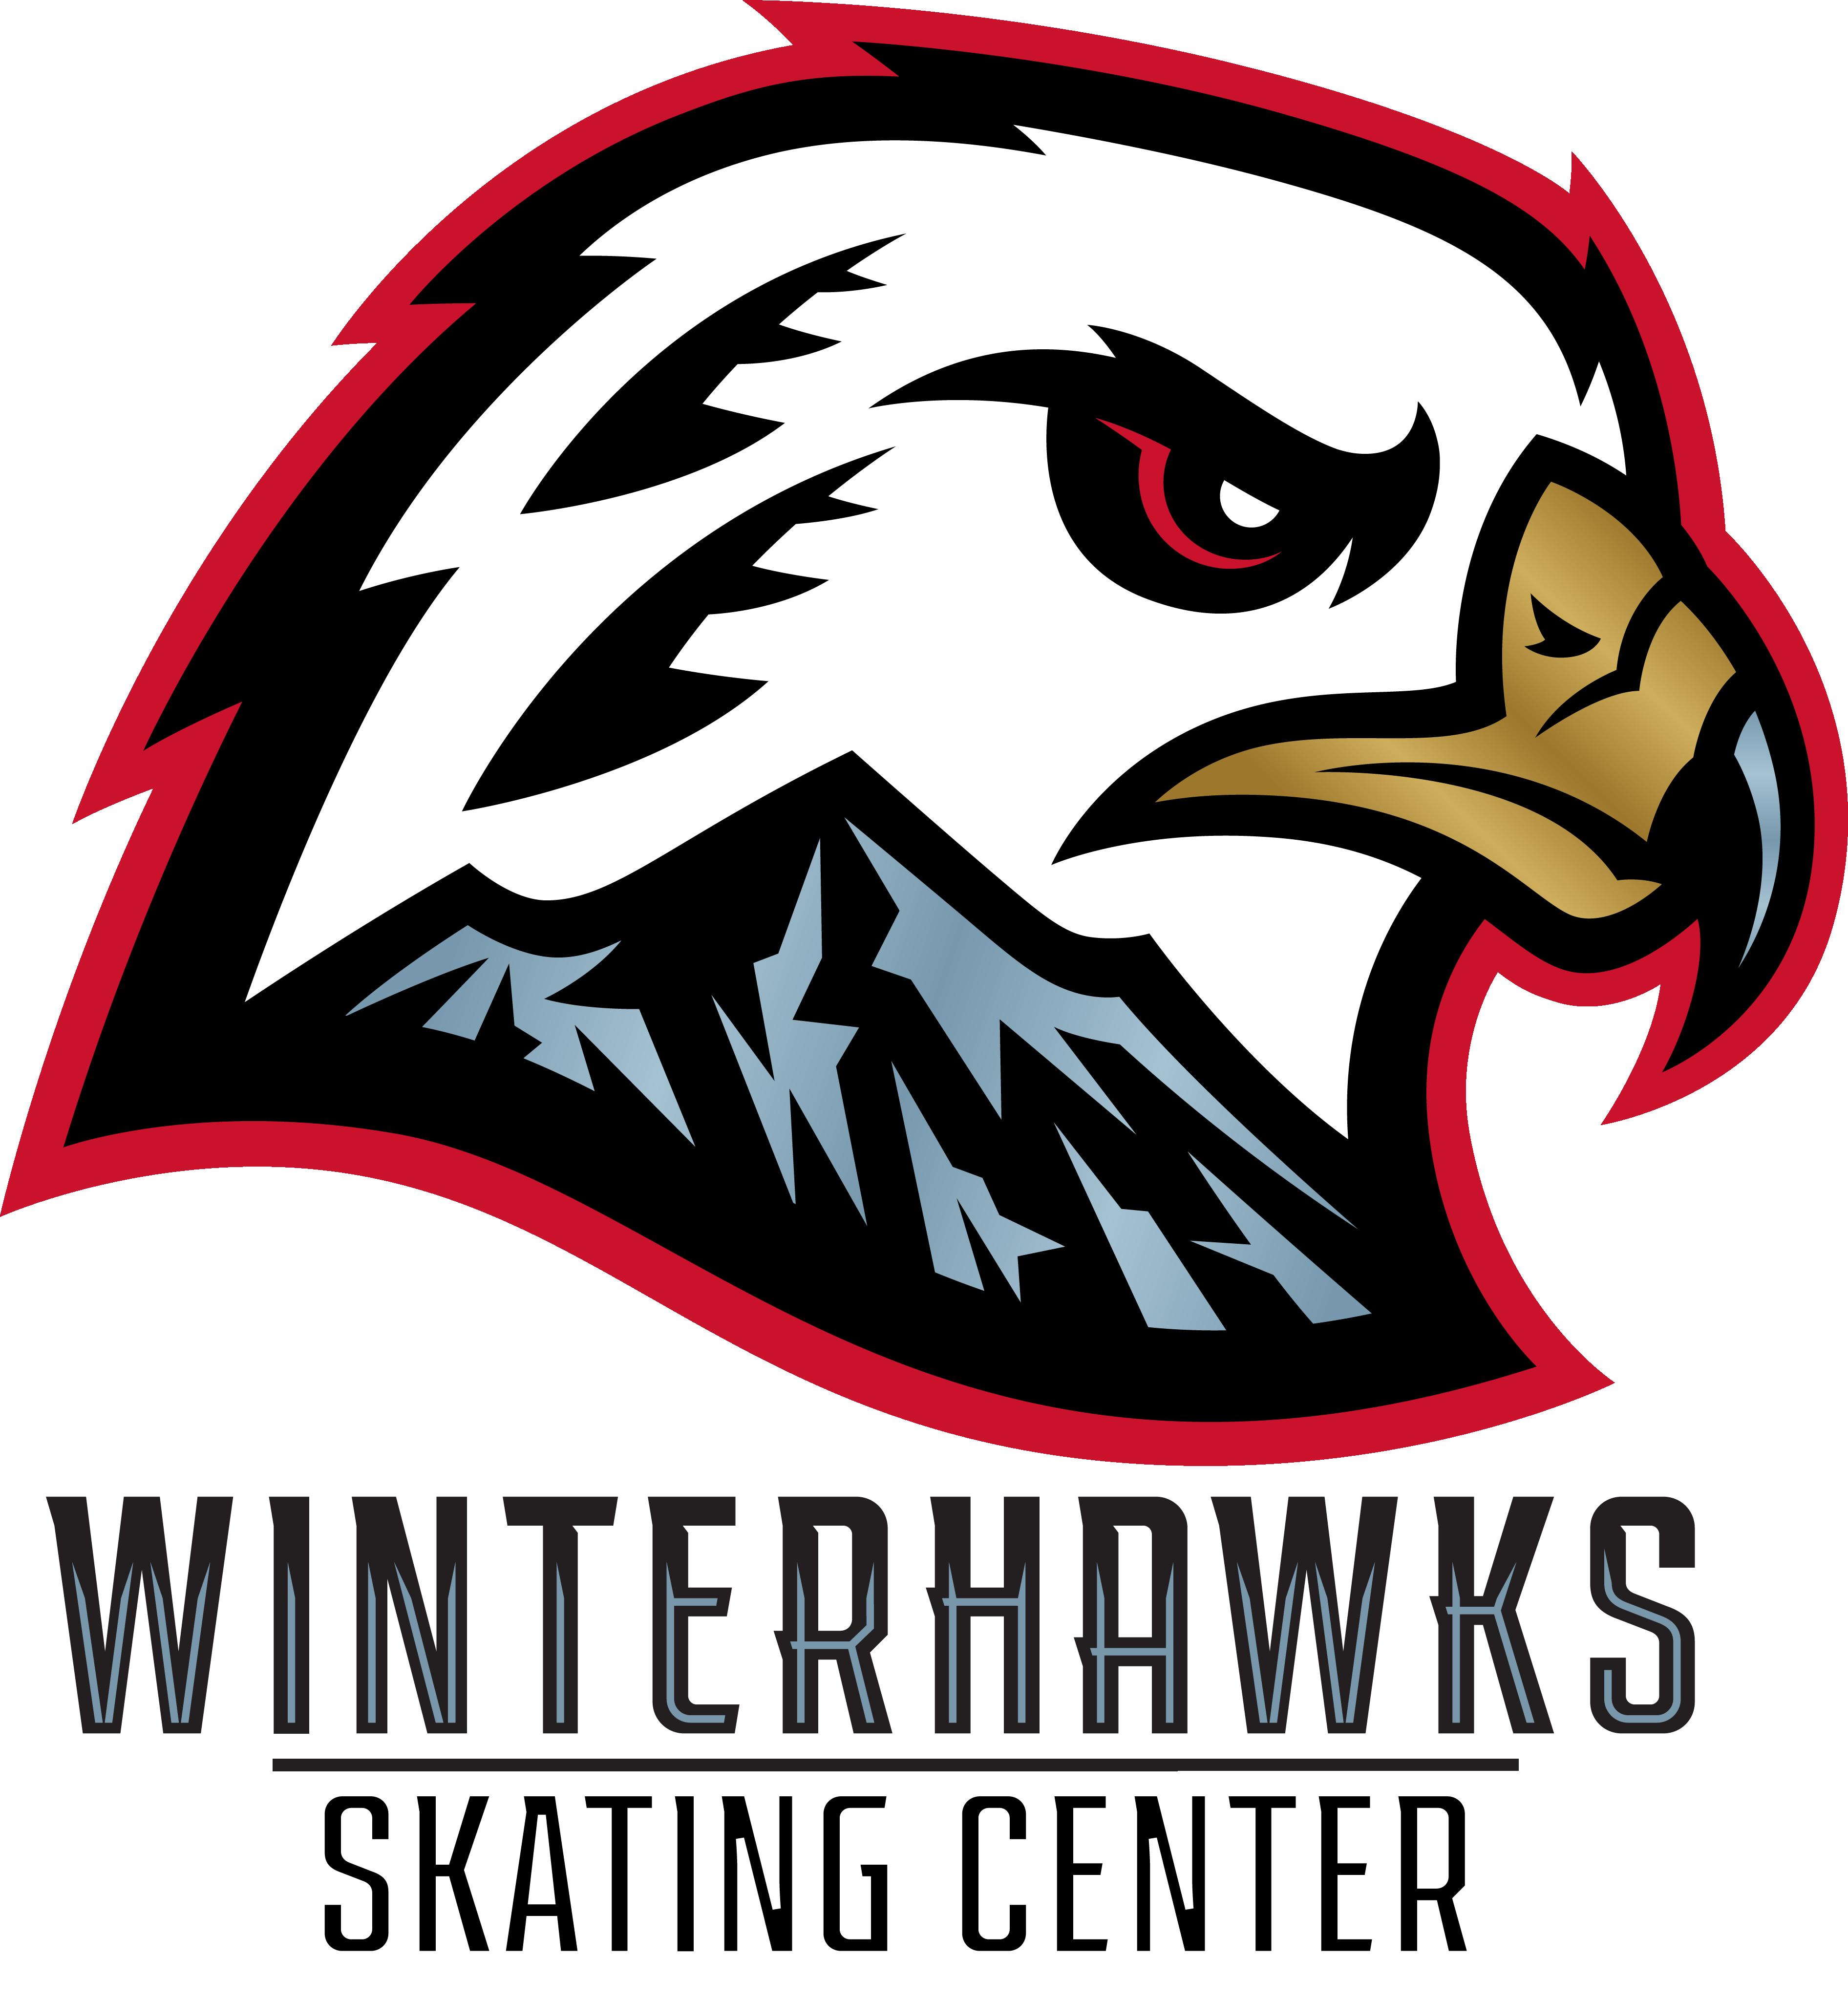 Winterhawks Skating Center